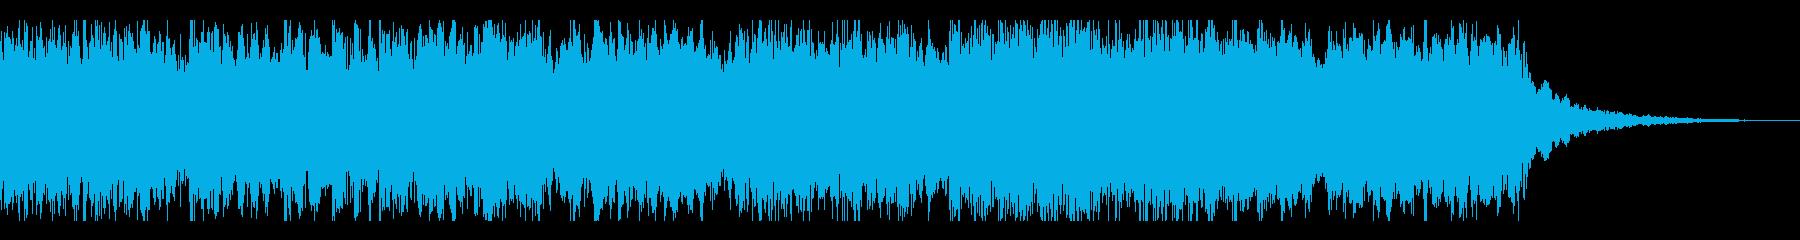 シネマティックの再生済みの波形